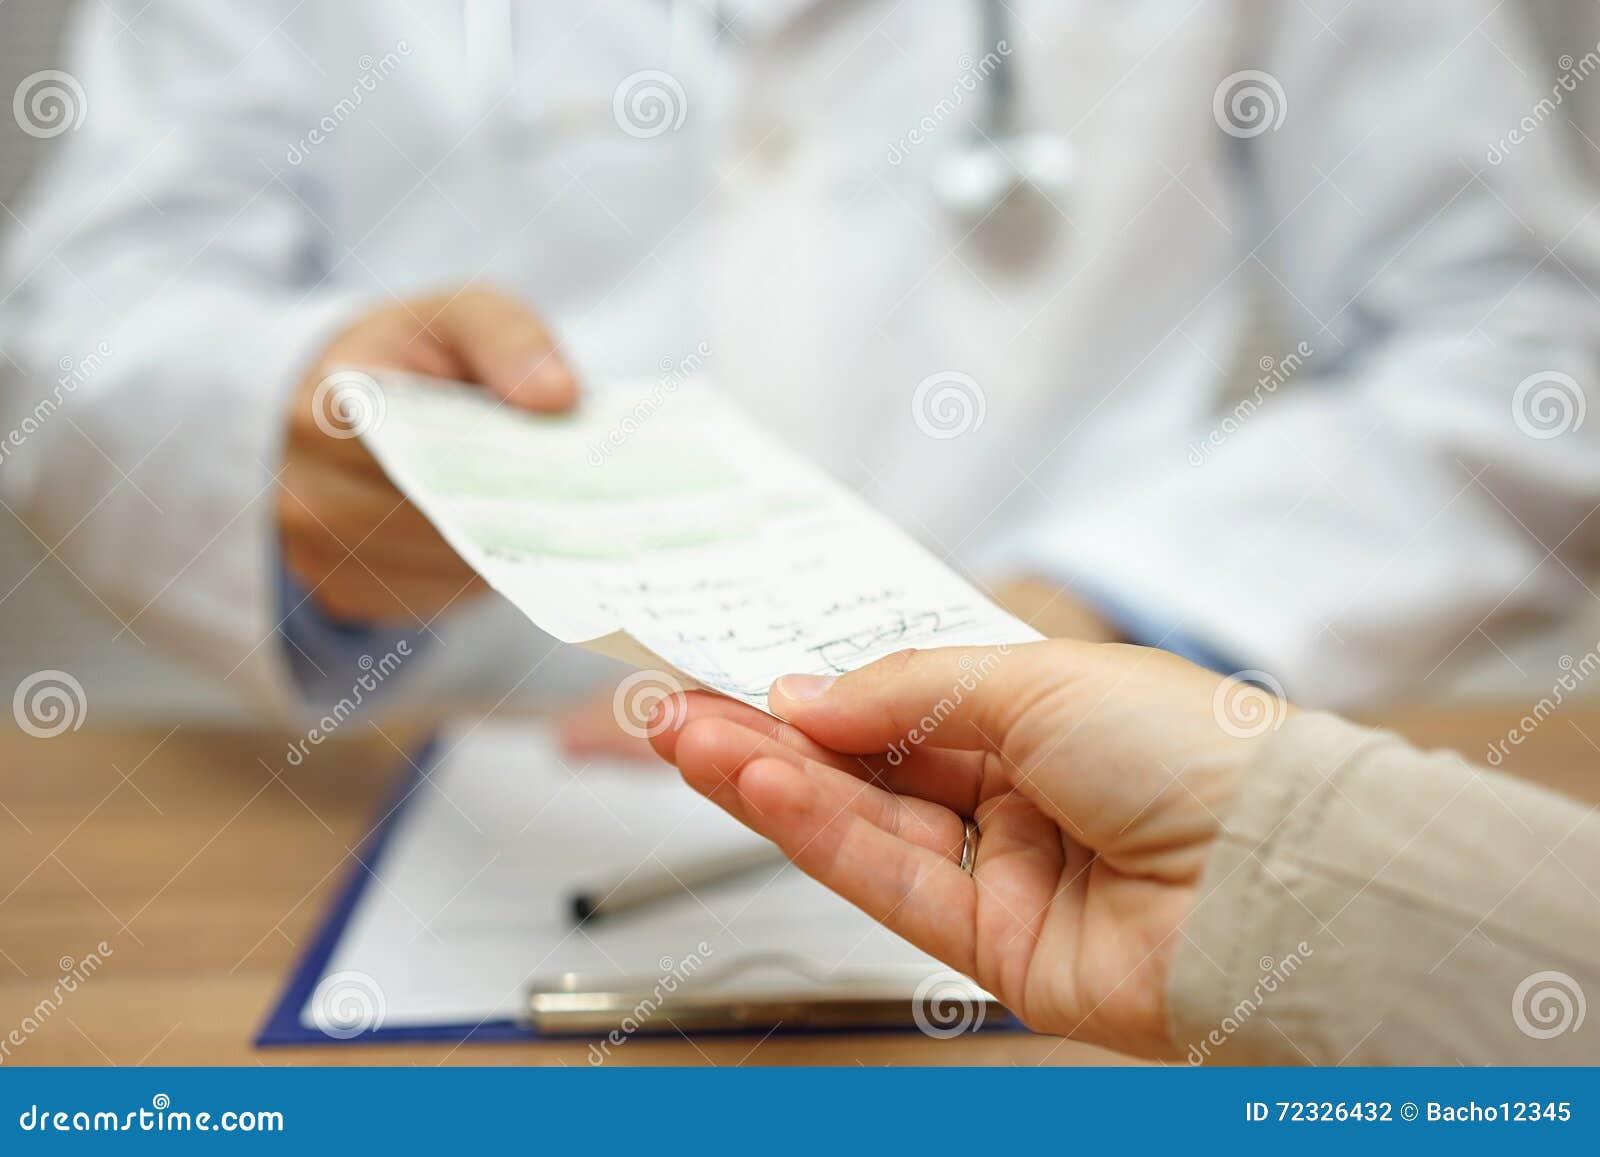 De arts geeft een voorschrift aan een vrouwelijke patiënt